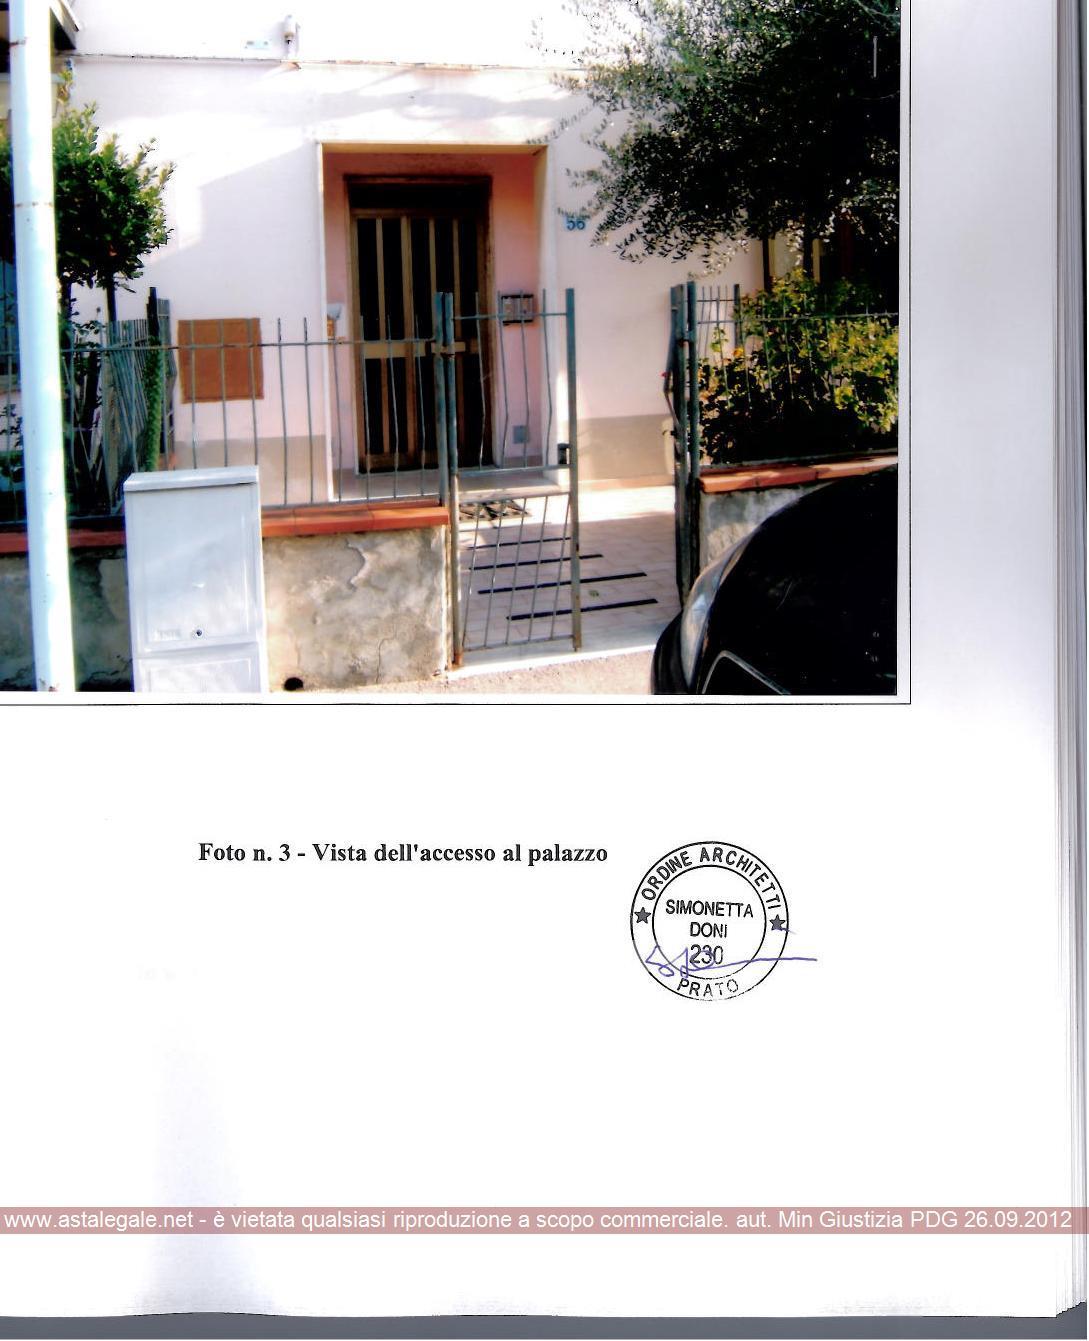 Bilocale Prato Localita' Chiesanuova - Via Isarco 56 6